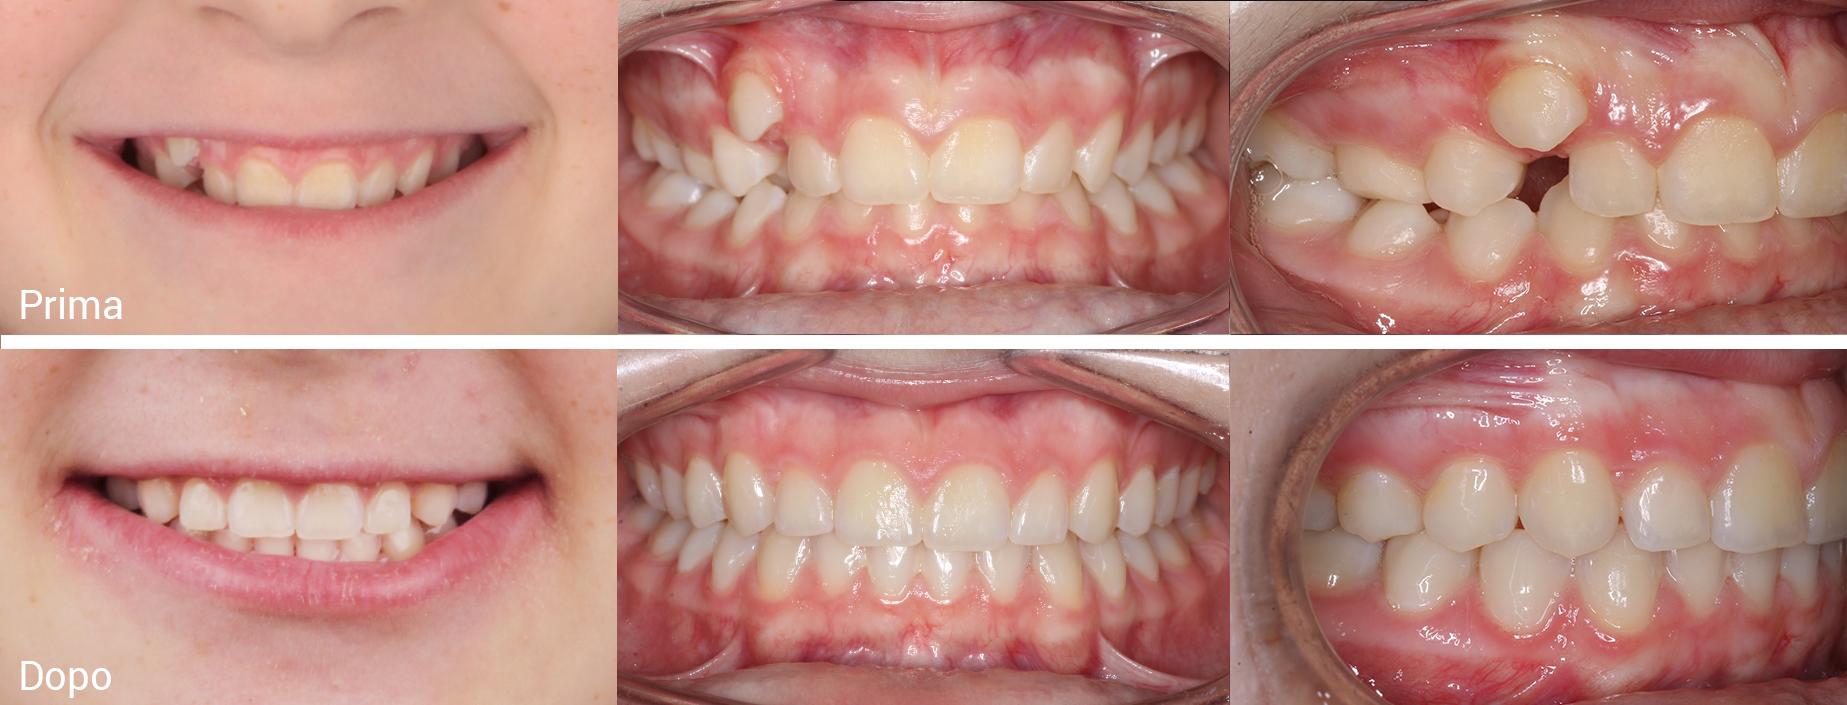 Trattamento ortodontico tradizionale